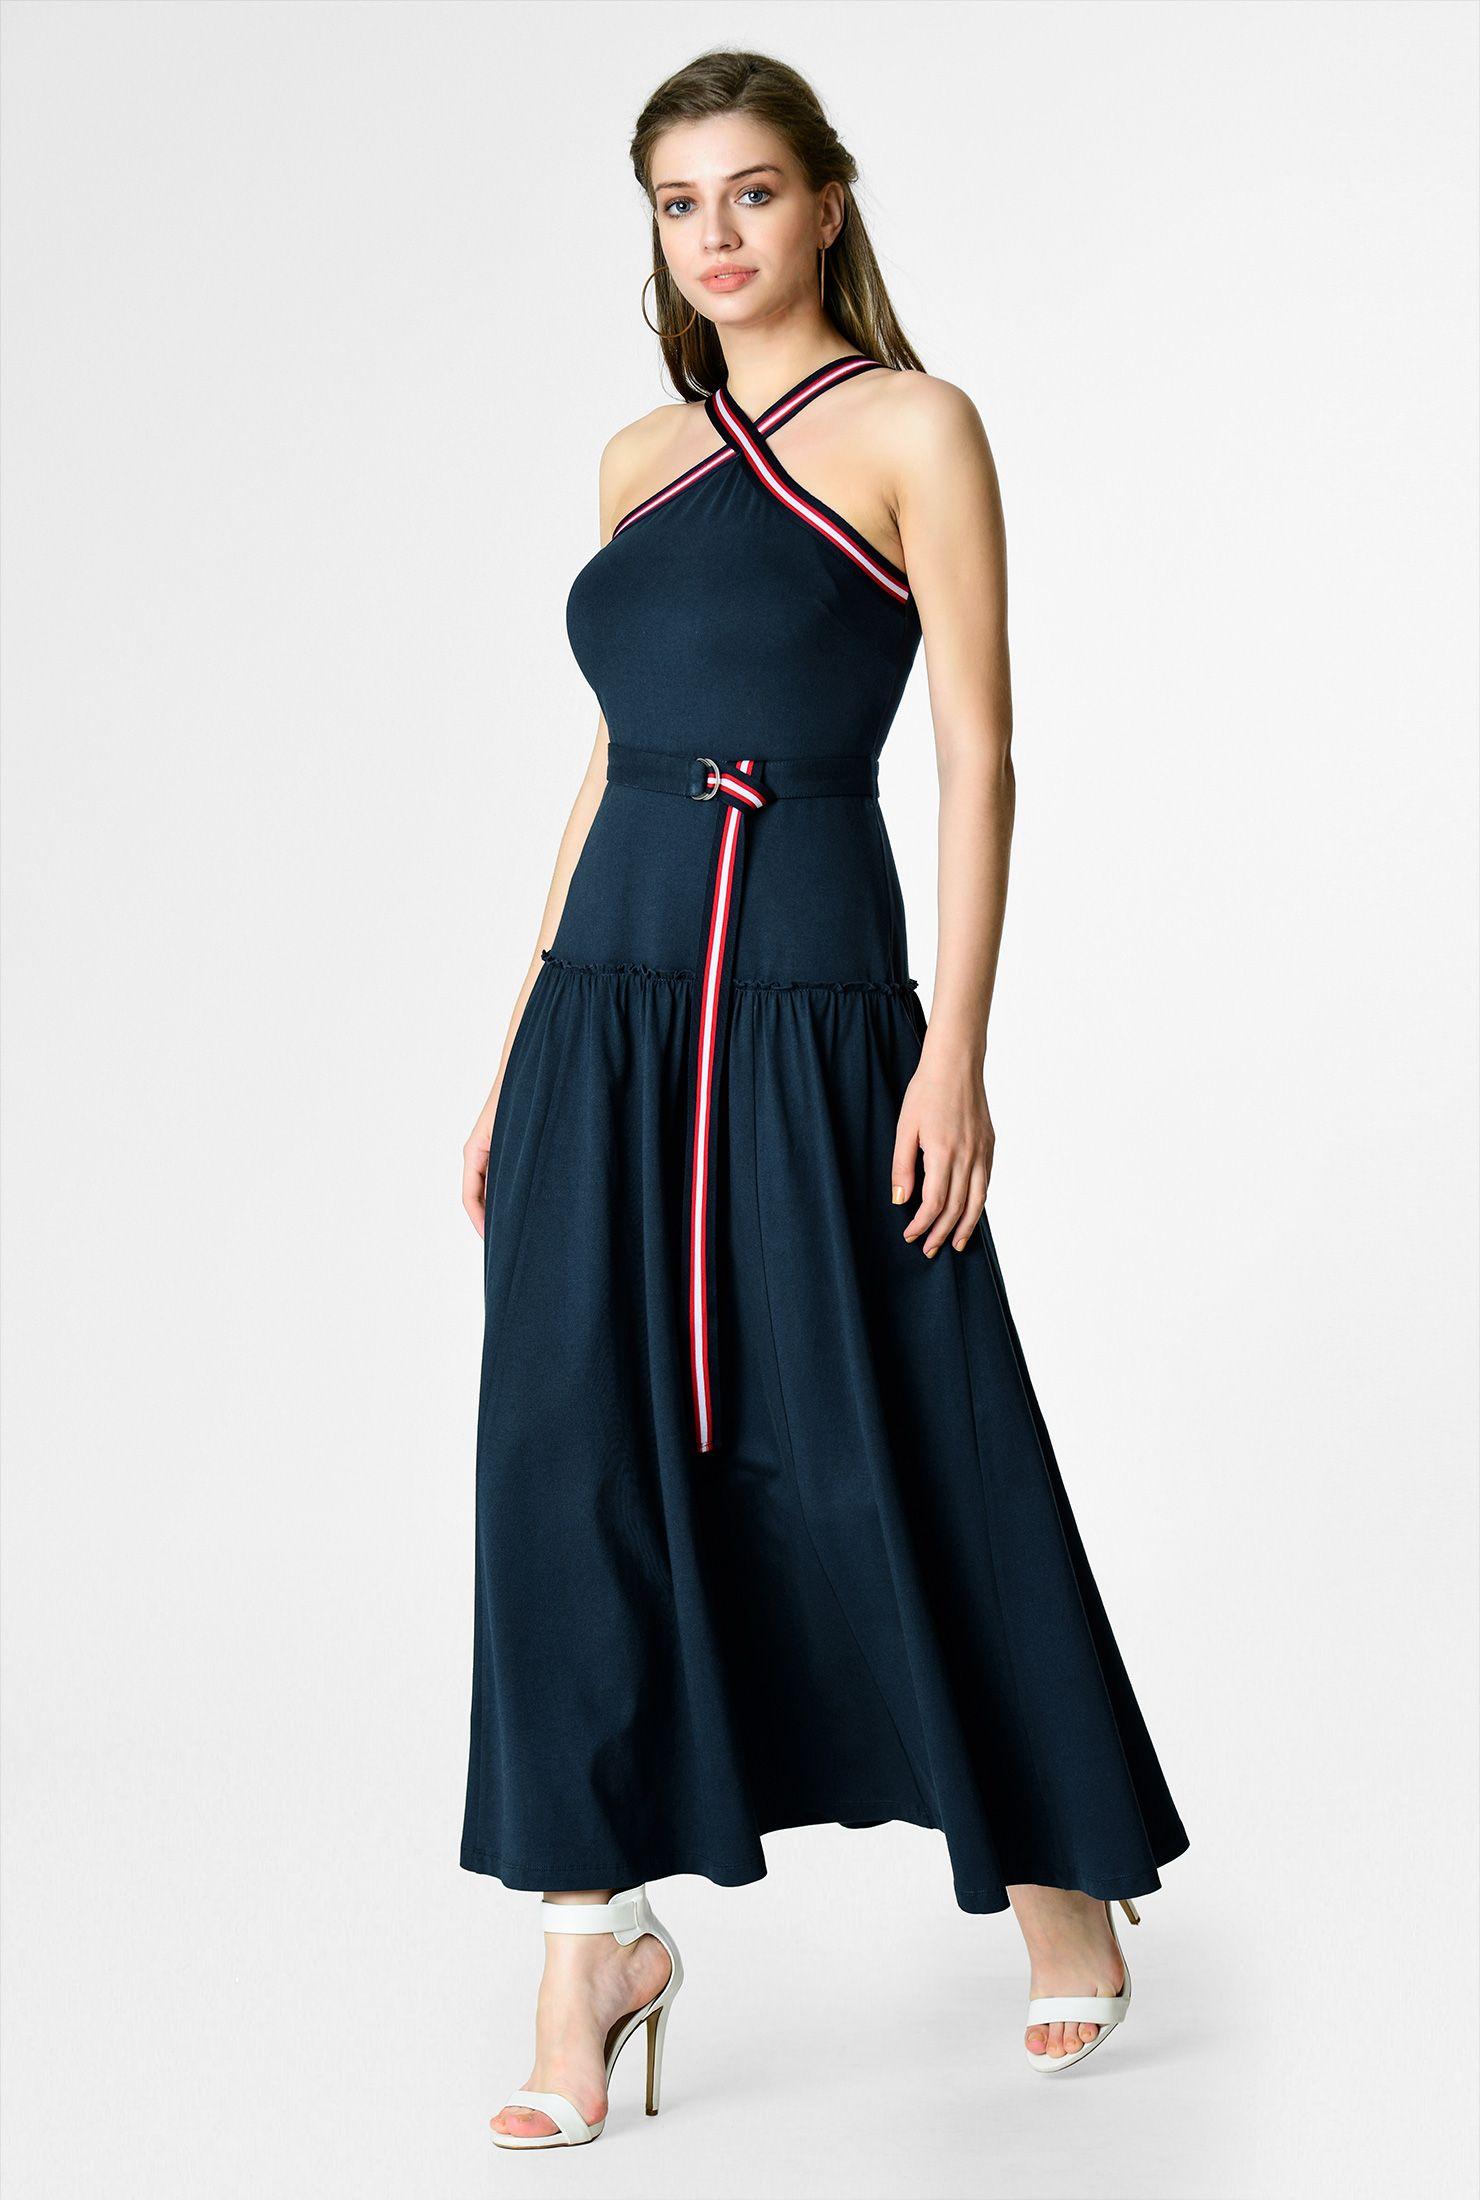 Ankle-Length Dresses, back zip dresses, cotton/spandex Dresses ...